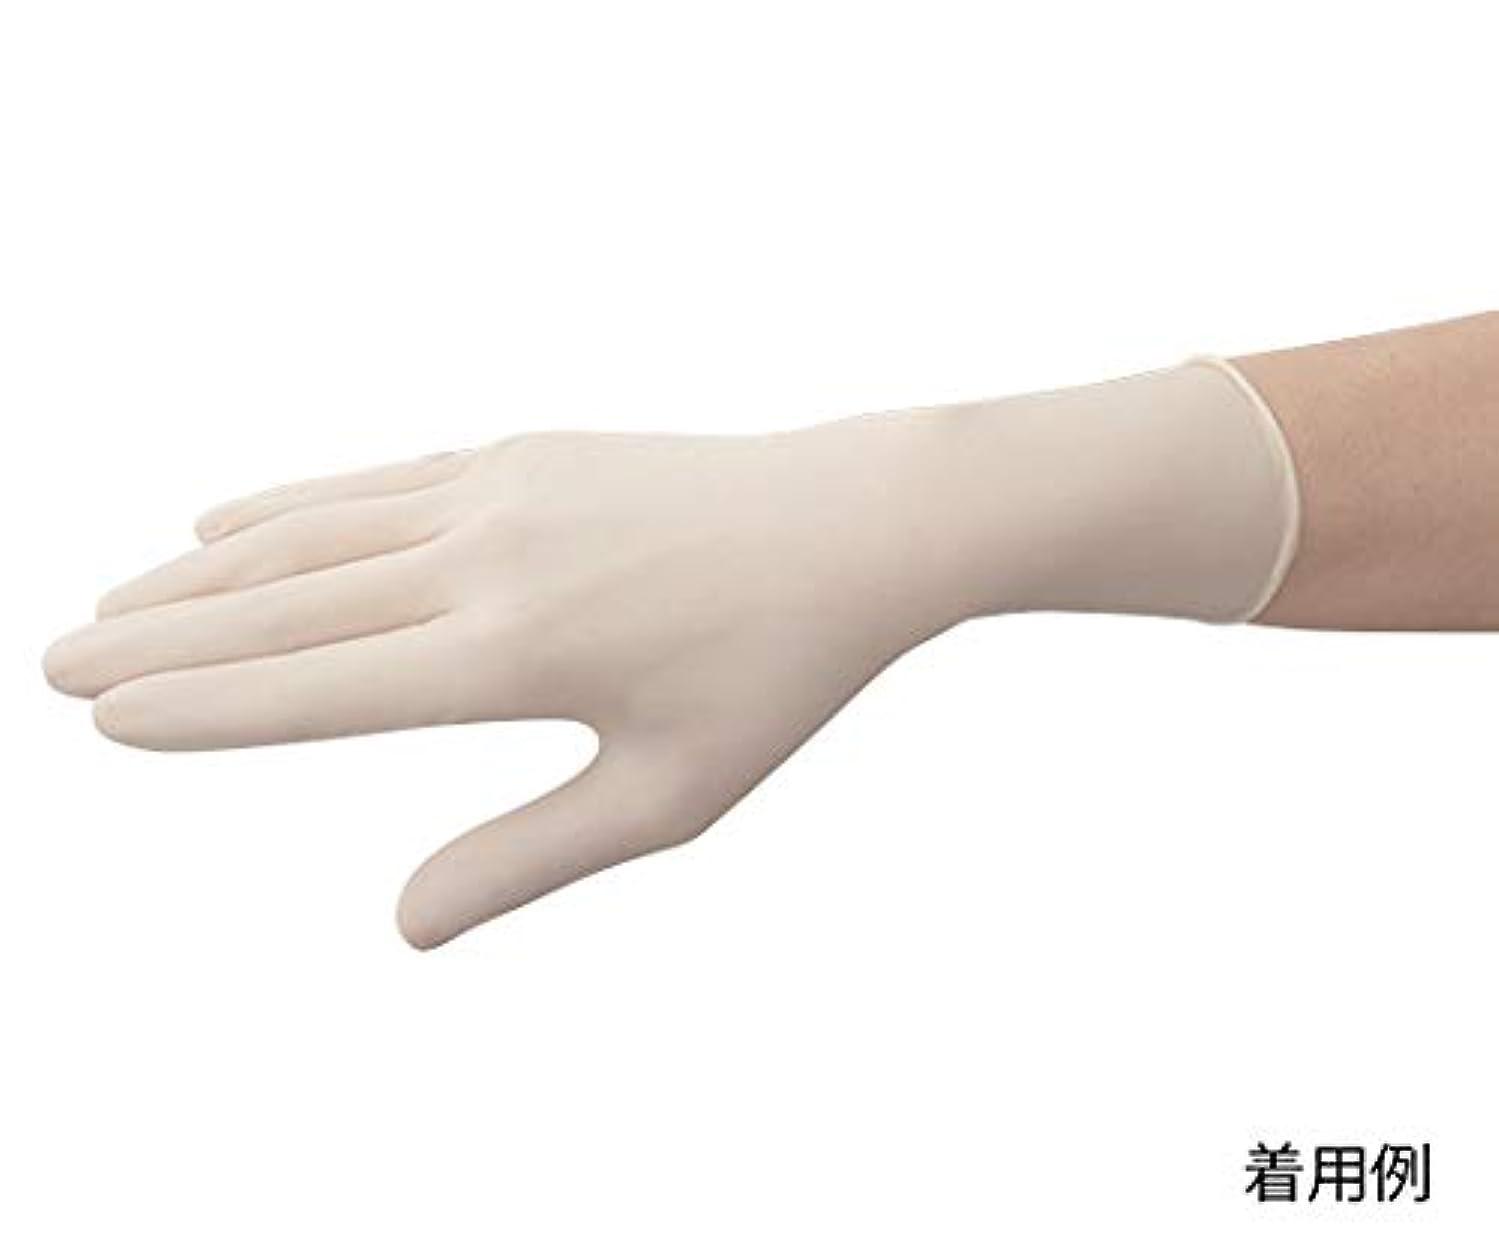 大統領クラウドコイン東レ?メディカル 手術用手袋メディグリップ パウダーフリー50双 8165MG